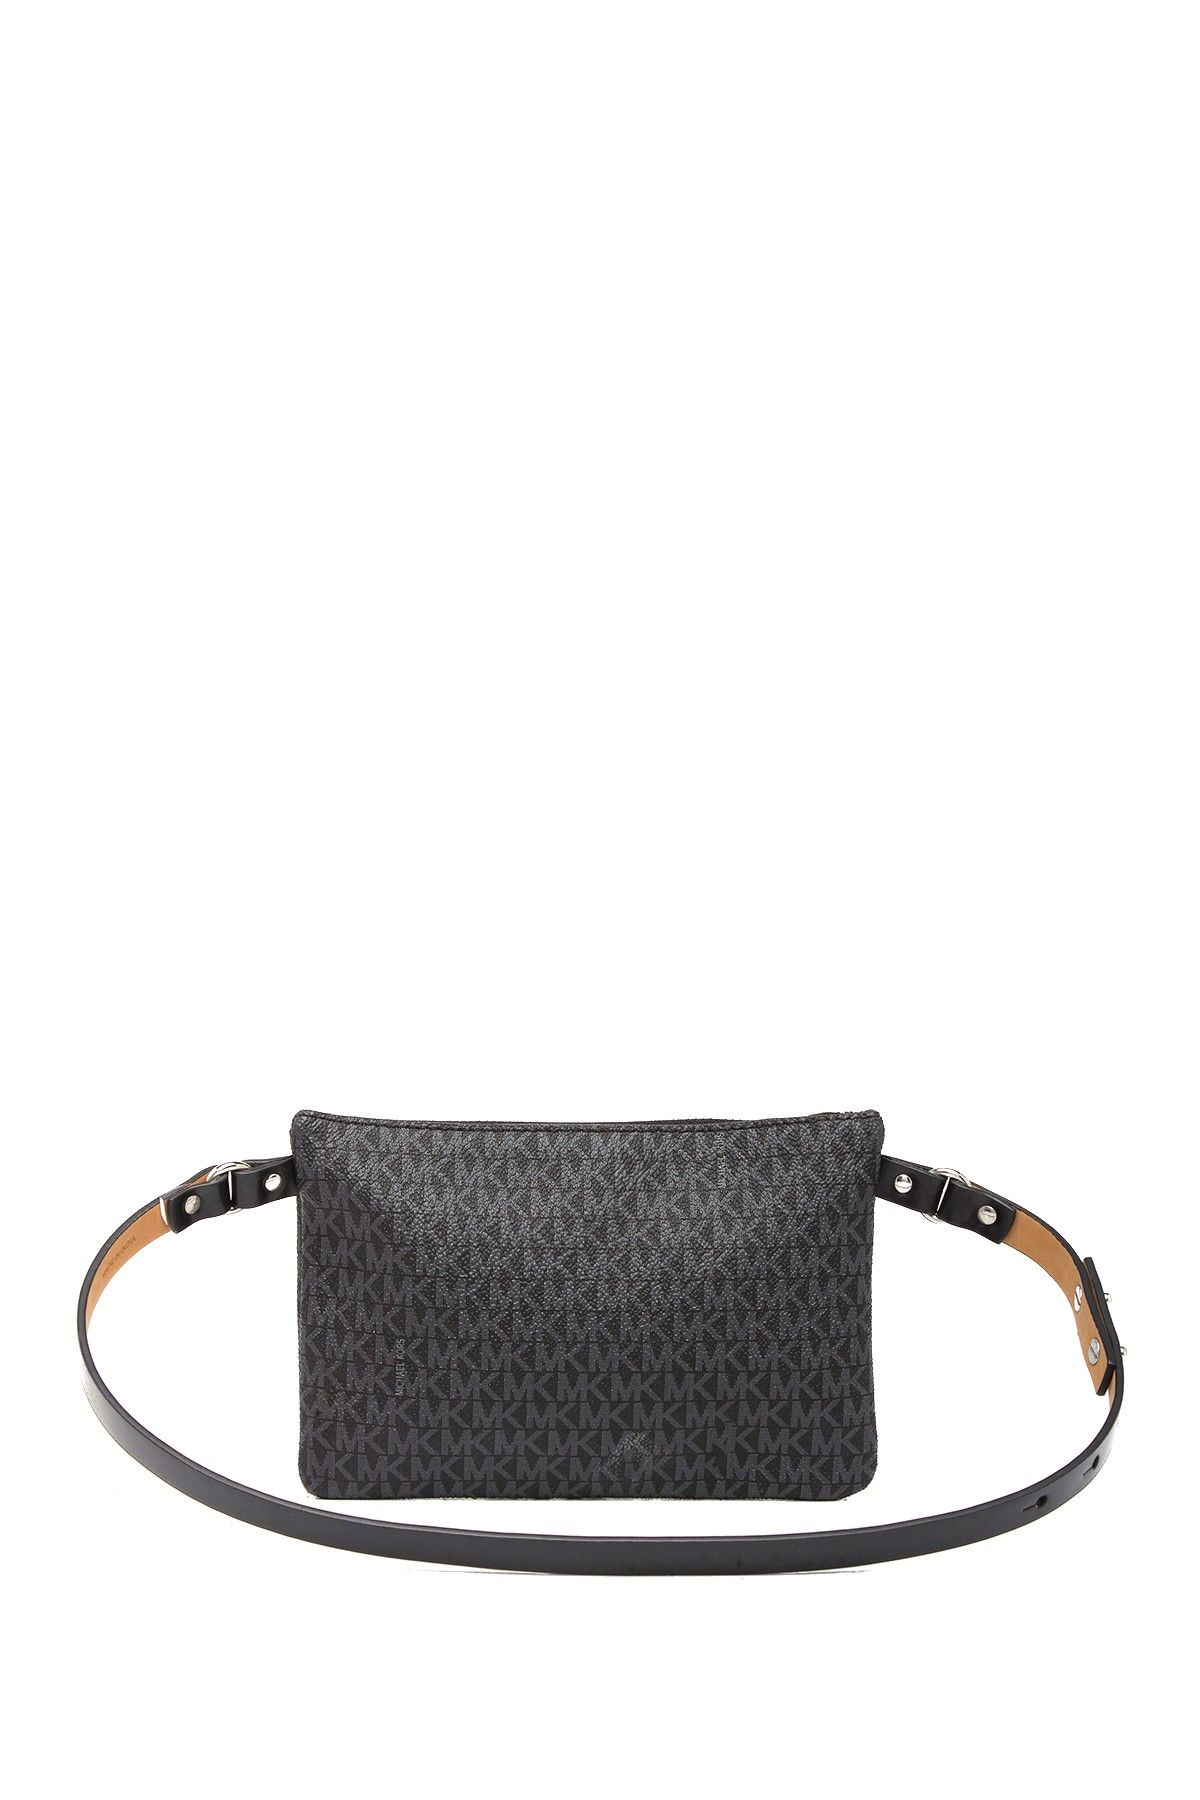 5fe64ca2ac48 Image of MICHAEL Michael Kors Pull Chain Belt Bag